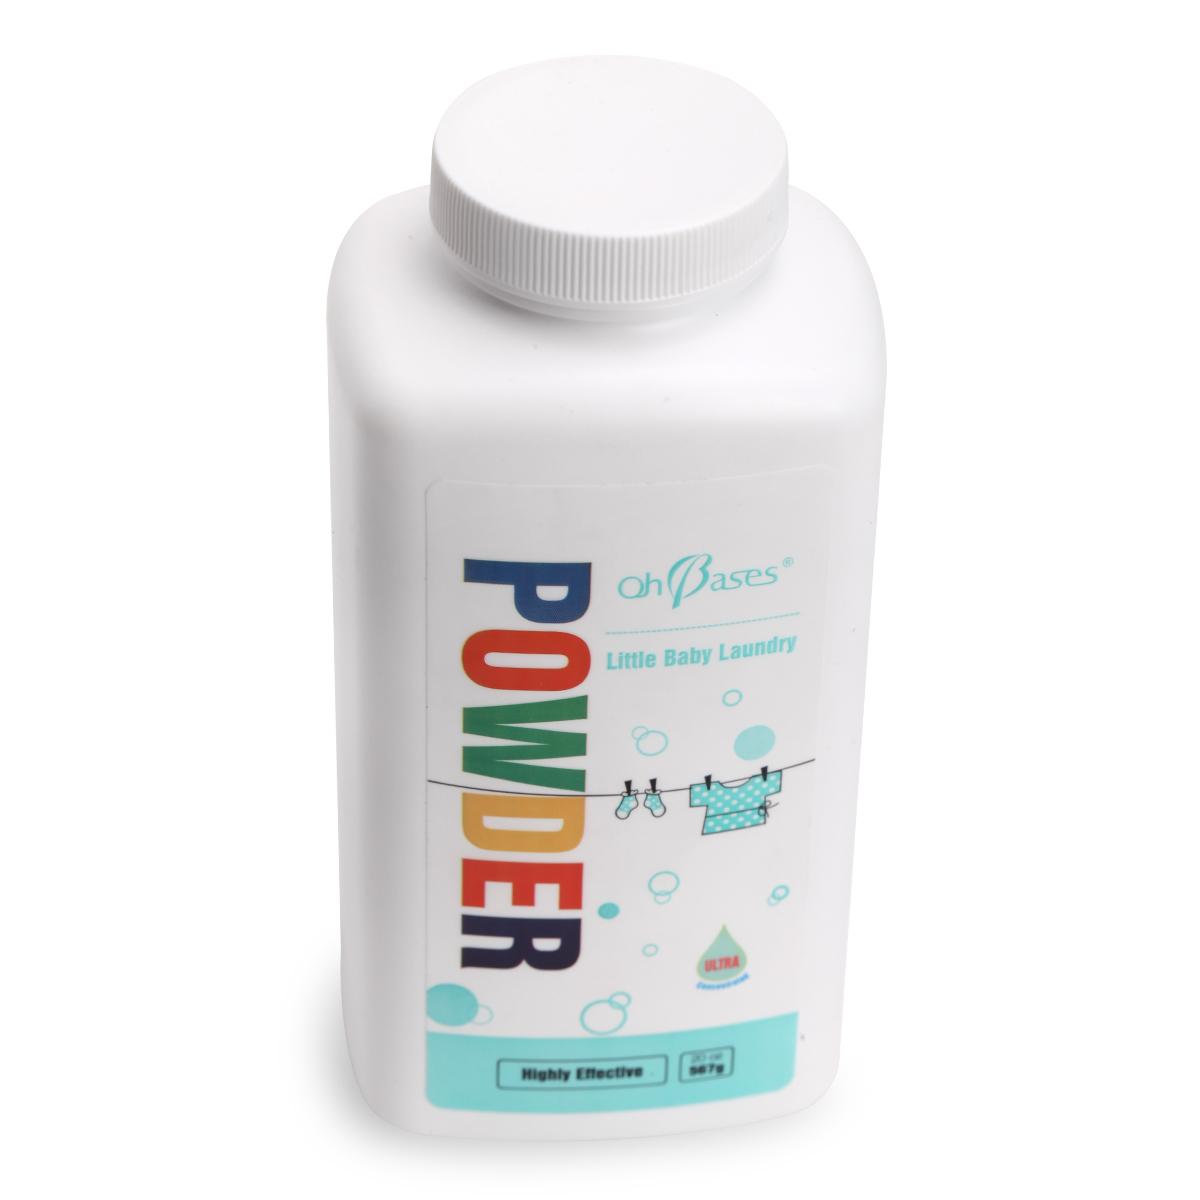 美国ohbases婴儿洗衣粉 宝宝专用衣物清洁 儿童天然浓缩洗衣粉